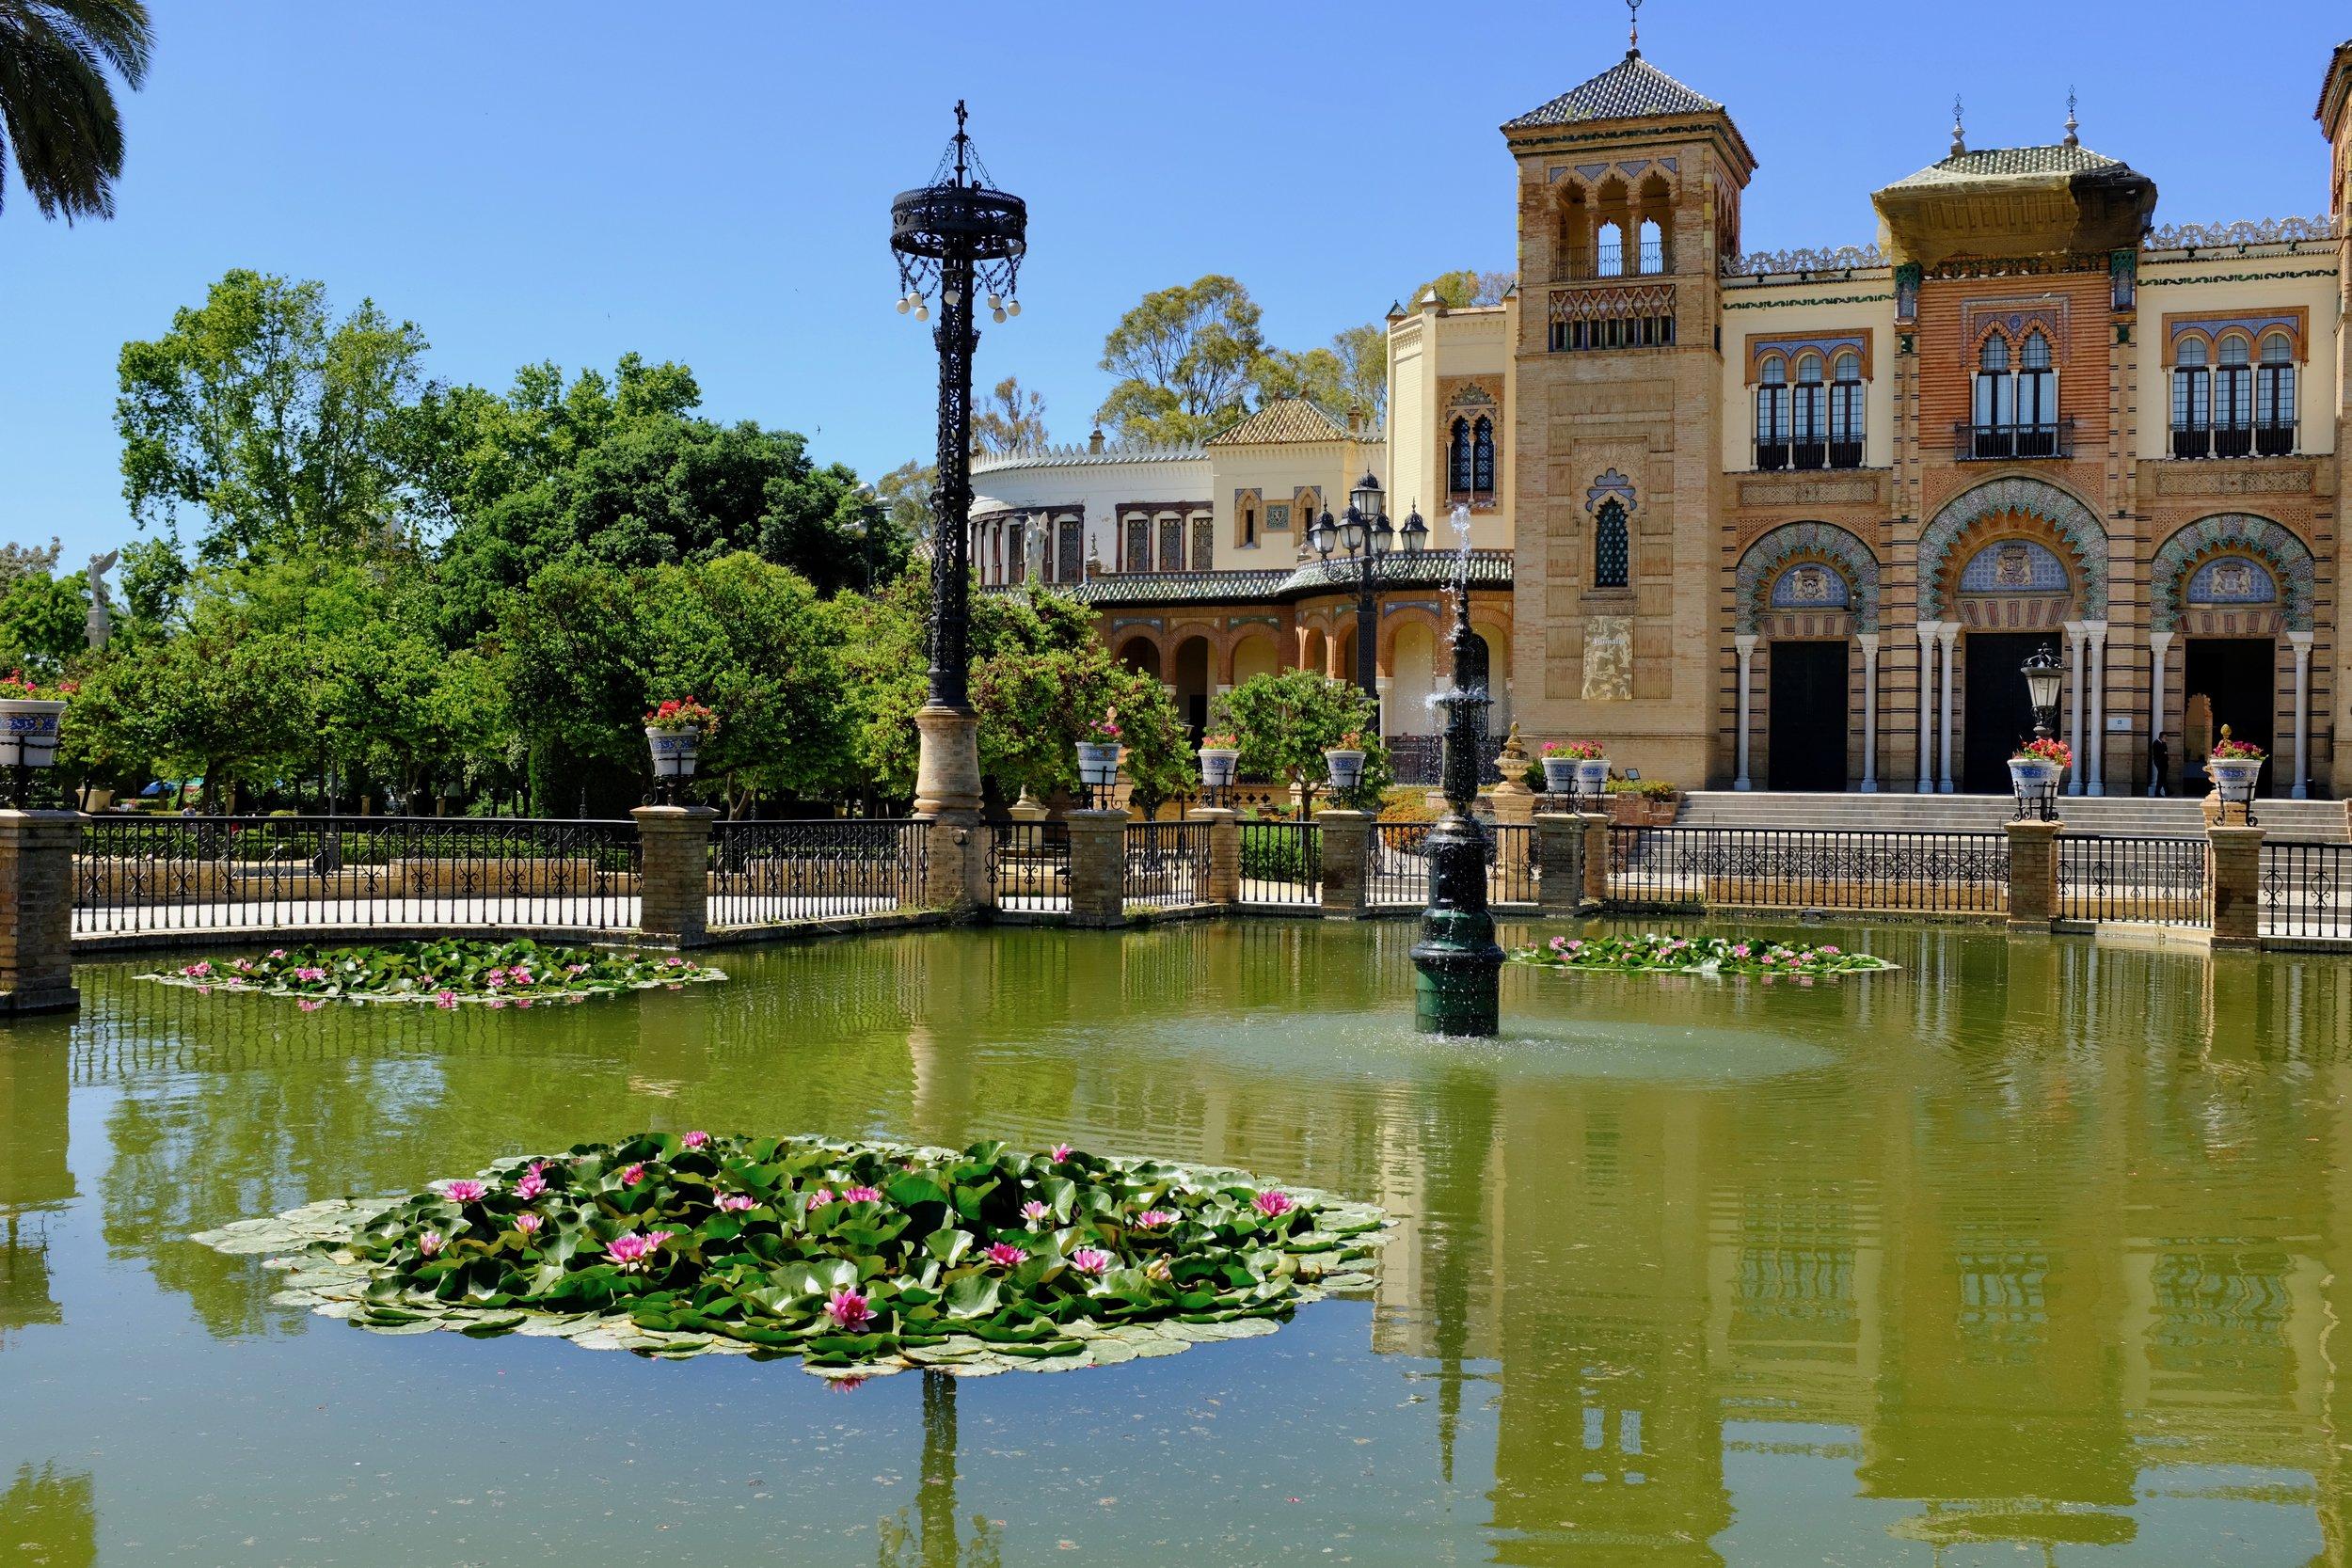 Museum of Popular Arts and Traditions (Museo de Artes y Costumbres Populares de Sevilla)